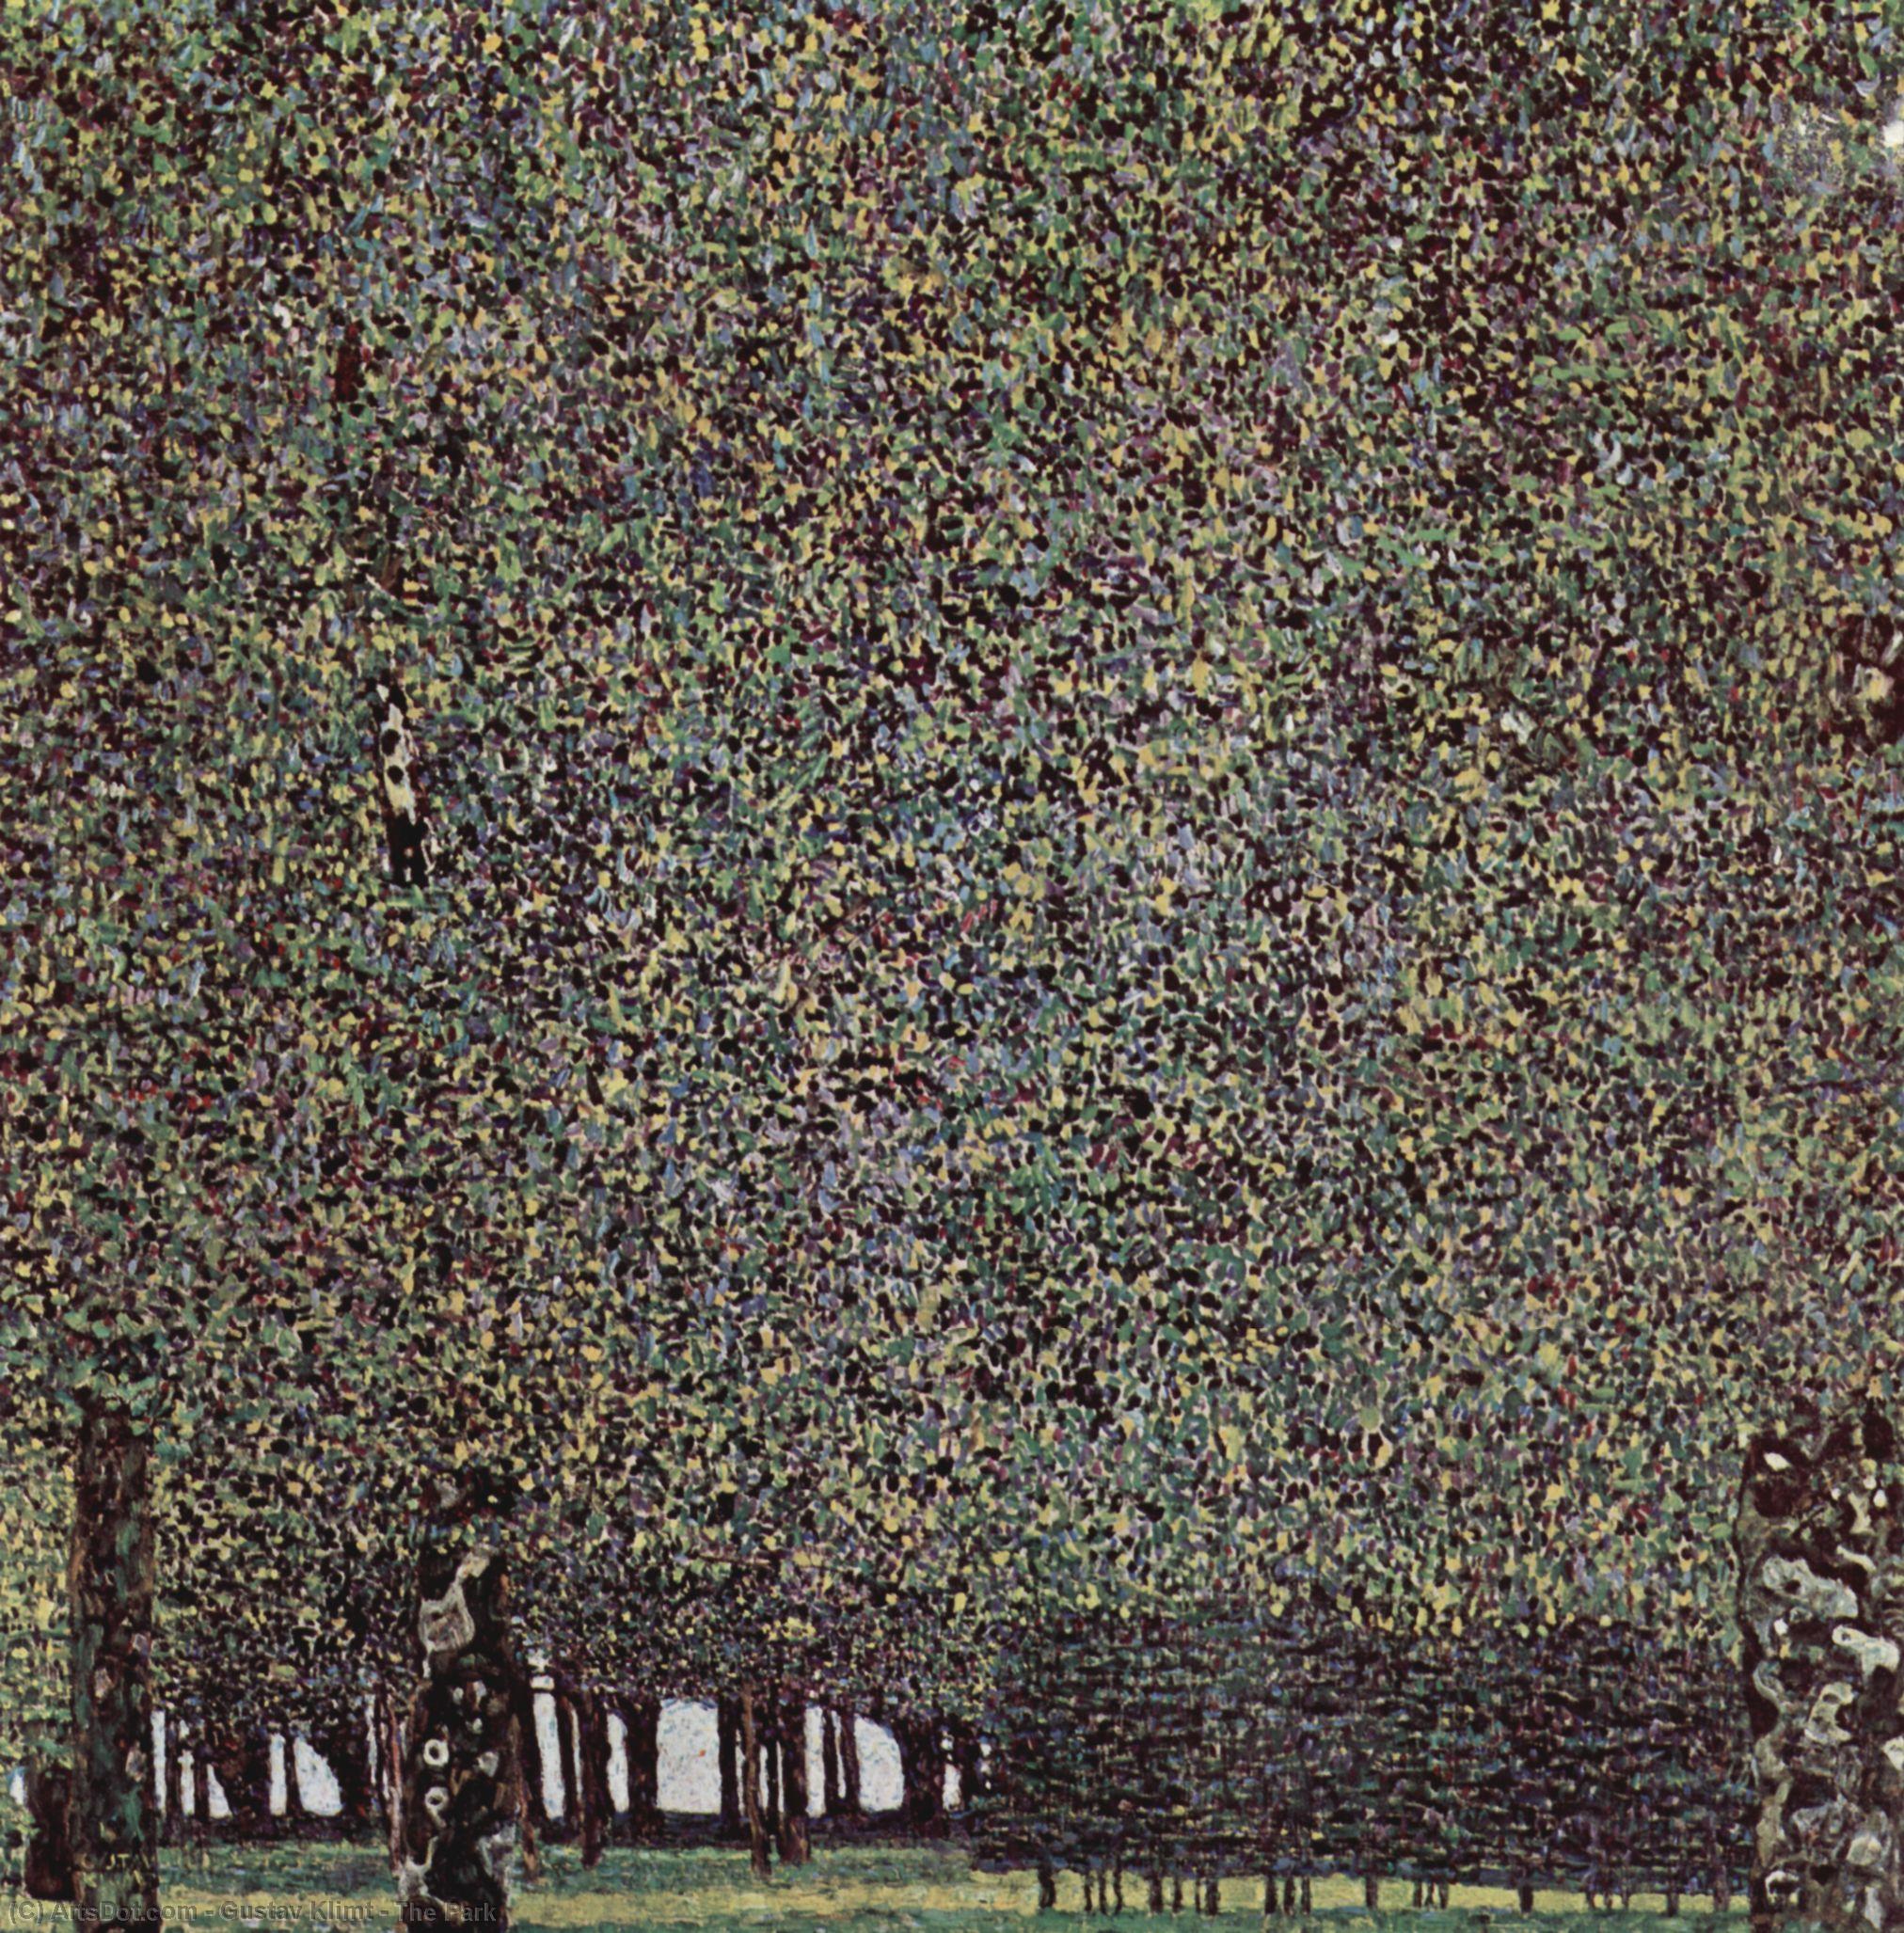 WikiOO.org - Enciclopédia das Belas Artes - Pintura, Arte por Gustav Klimt - The Park